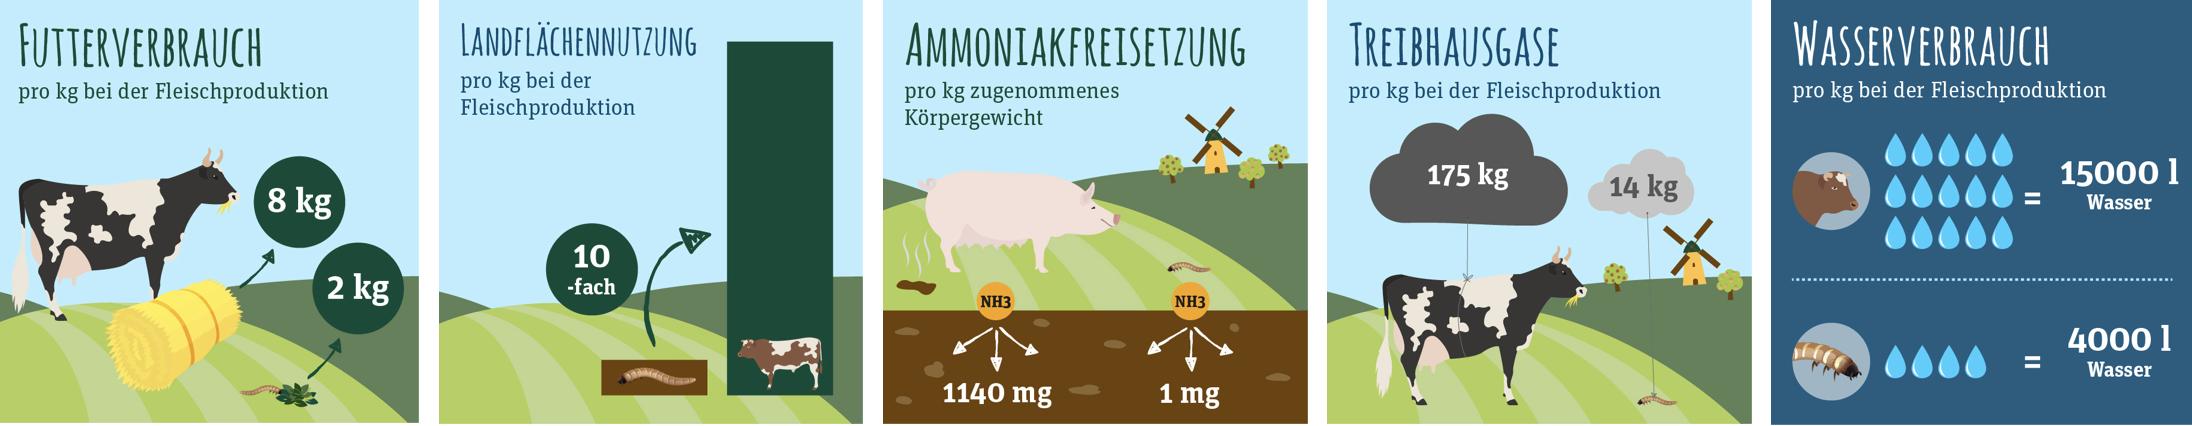 GreenPetfood_Insekten_Umweltschutz